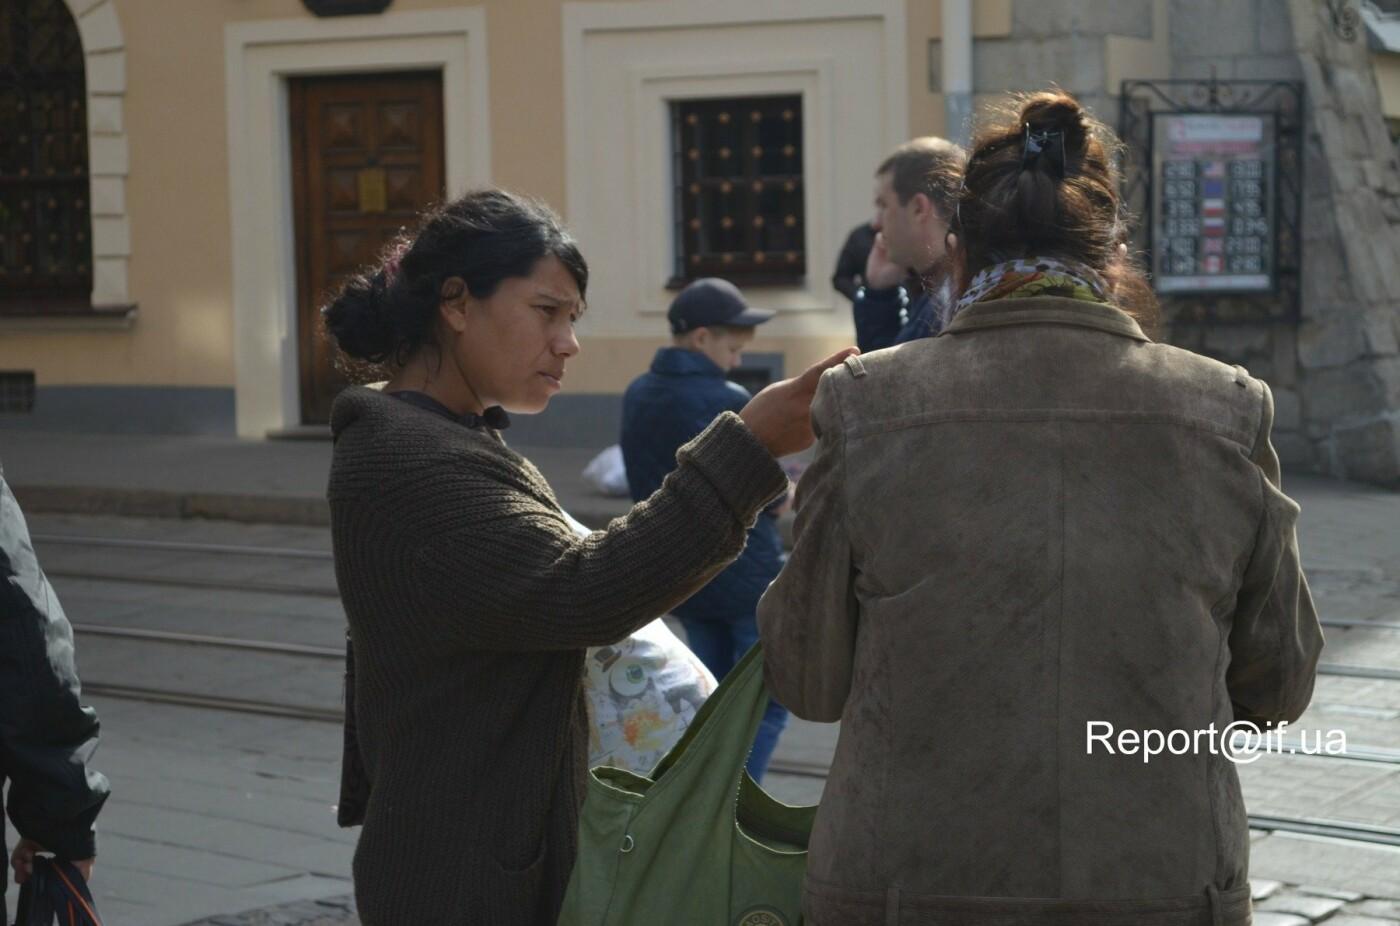 Жебраки та роми, чому влада не може викорінити проблему жебракування в місті. ФОТО, фото-4